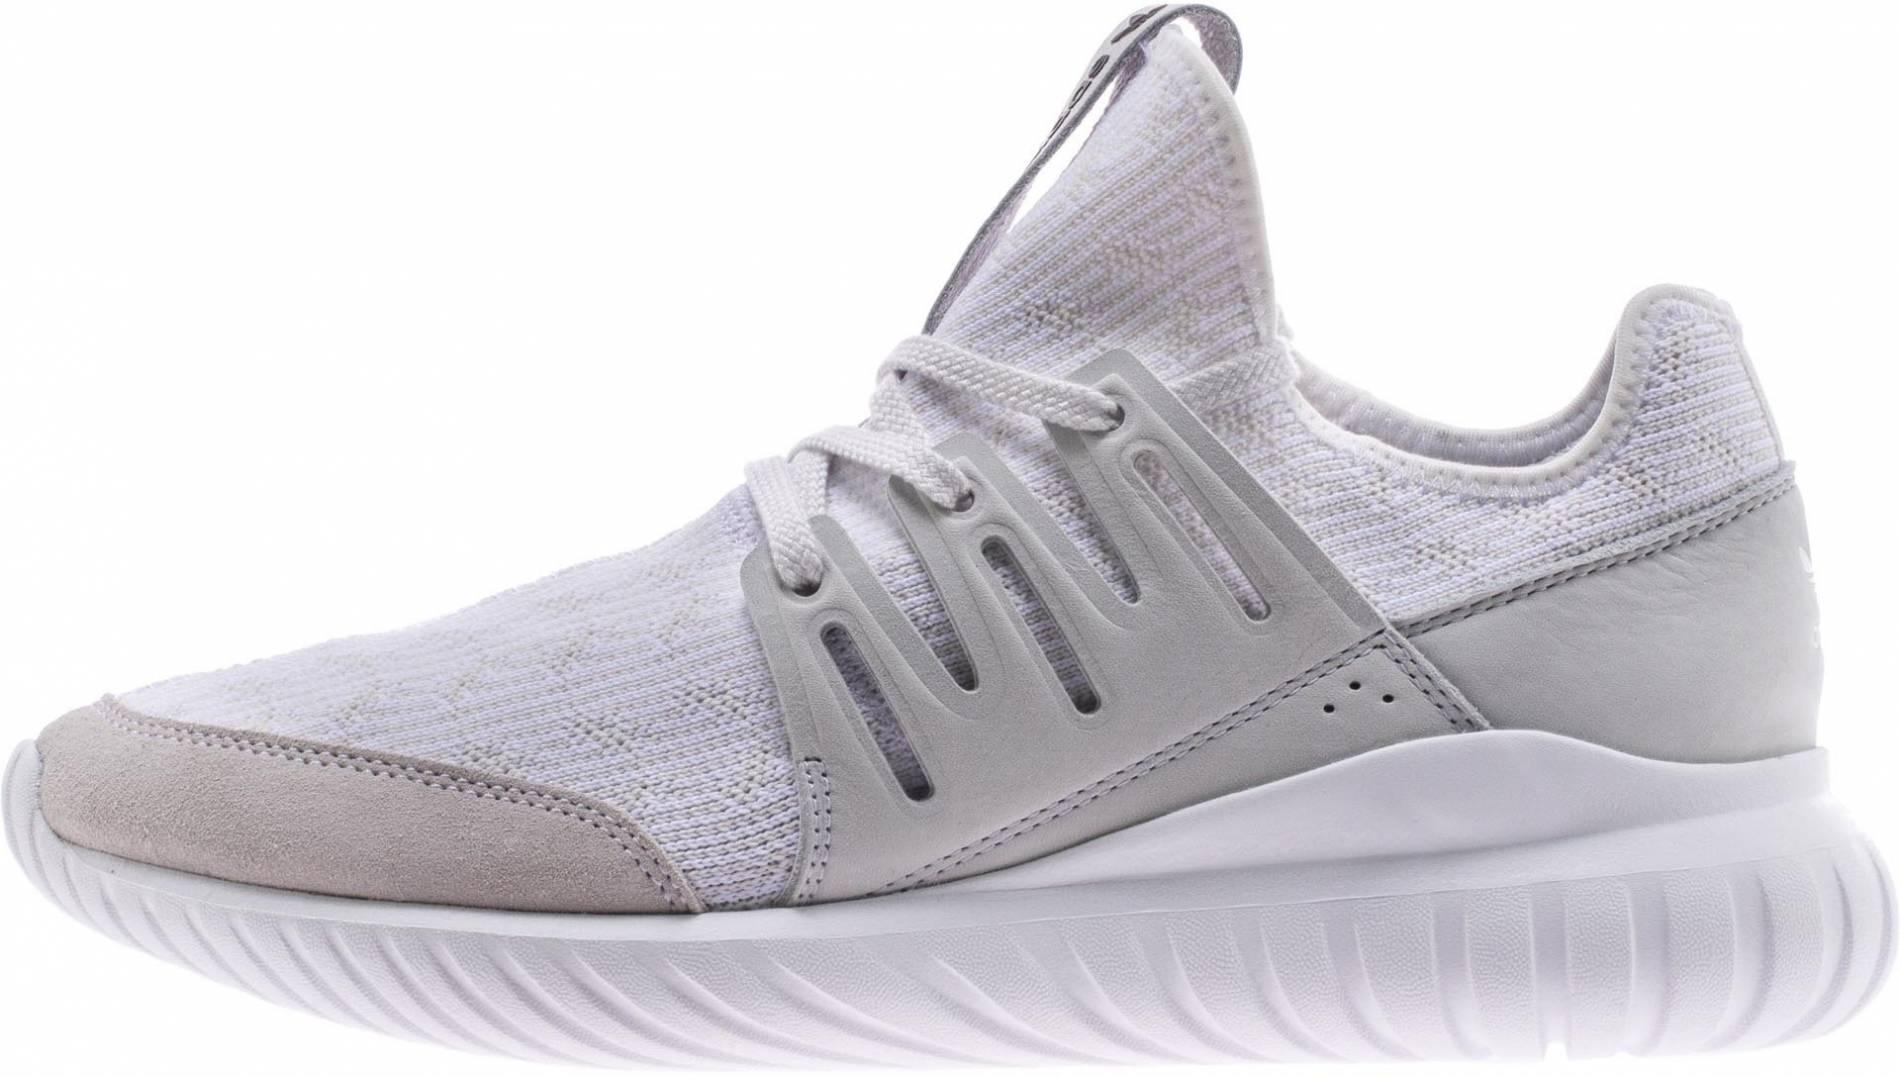 Trastorno violación paquete  Adidas Tubular Radial Primeknit sneakers in grey (only $75) | RunRepeat